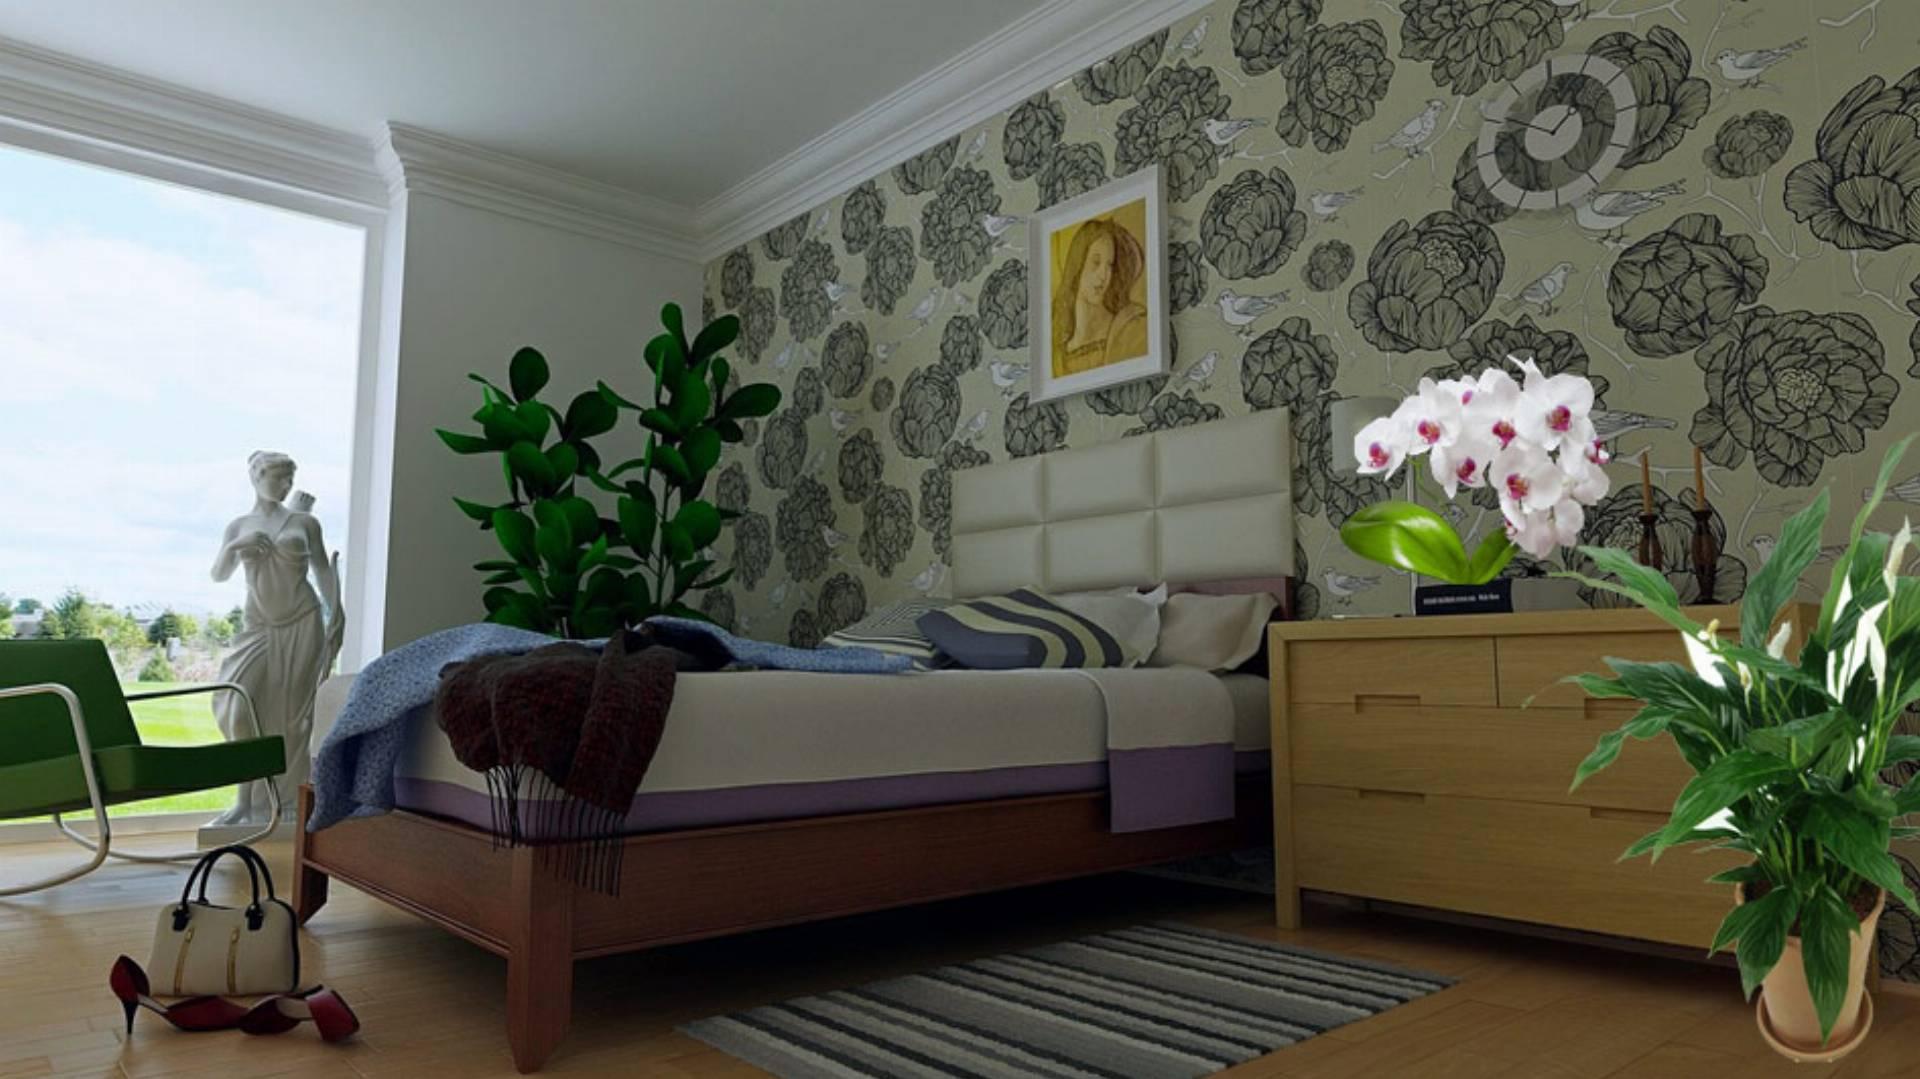 Najlepsze Kwiaty Do Sypialni Ktore Produkuja Tlen W Nocy Kobietamag Pl